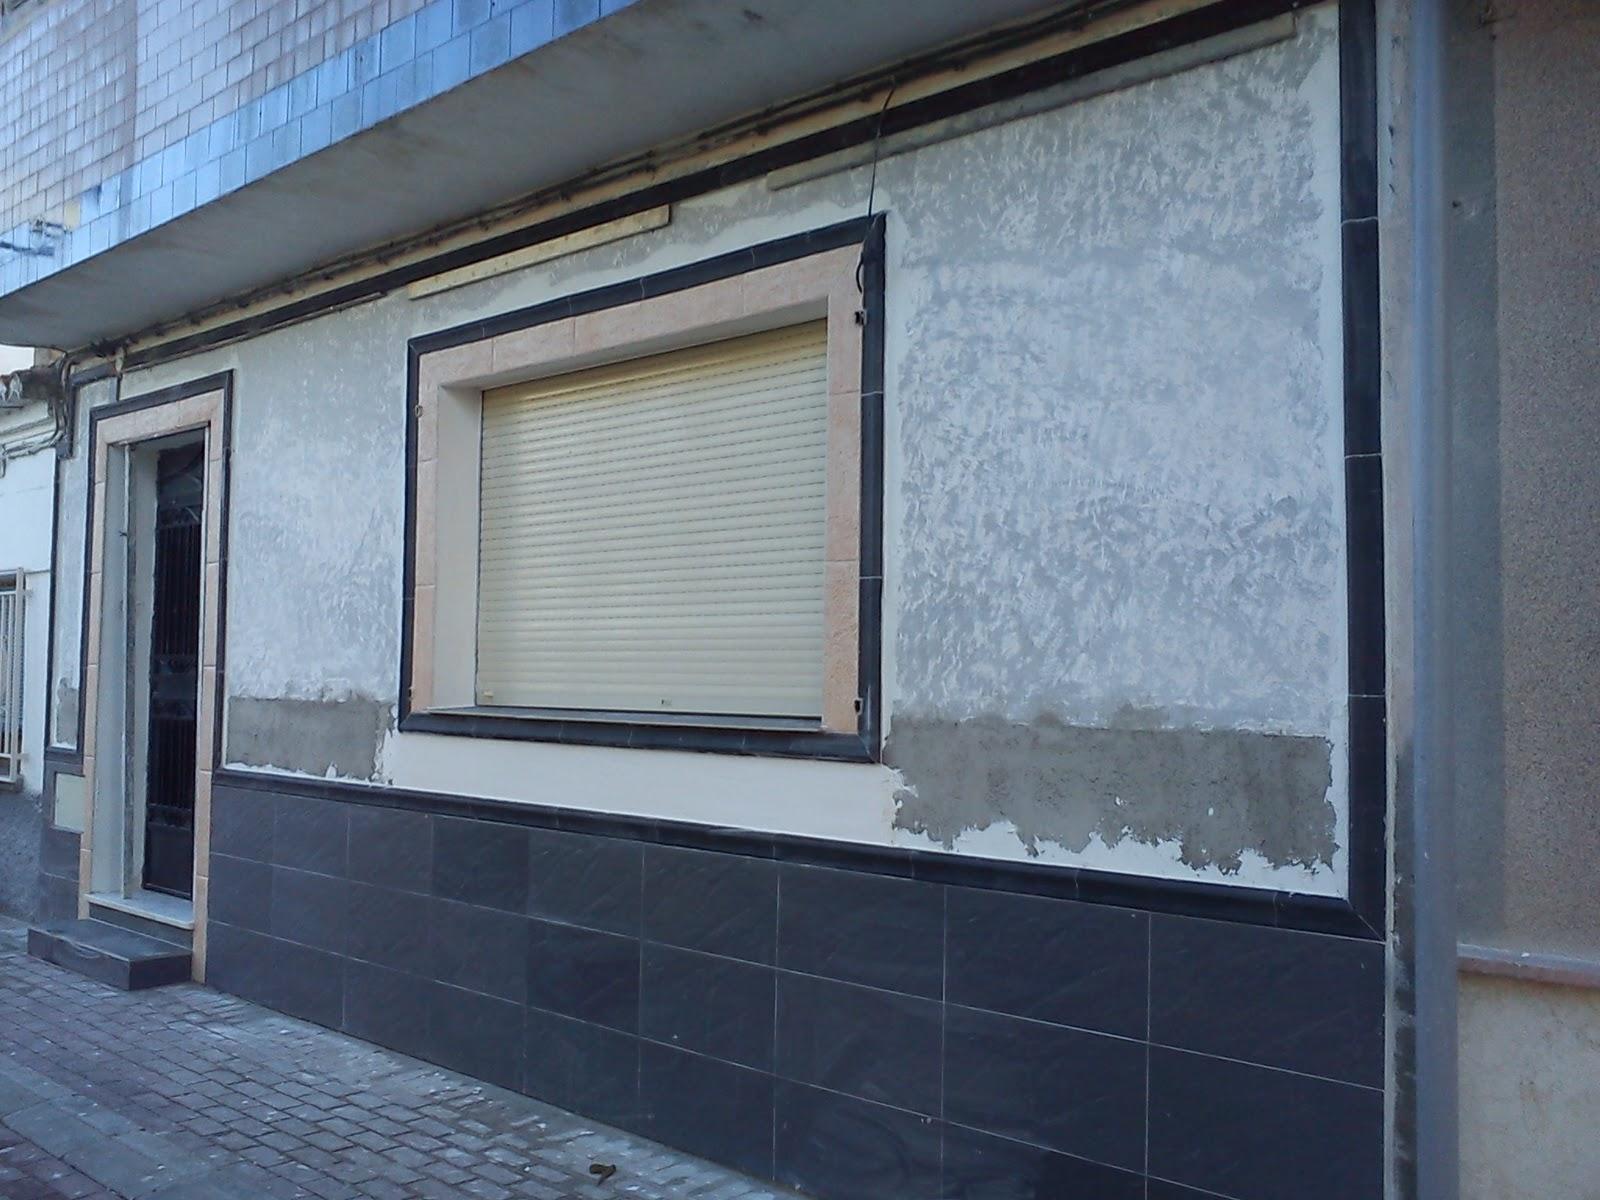 Reforma Casa En Dilar Fachada Y Zocalo 4 Fotos Dilar Granada - Zocalos-de-fachadas